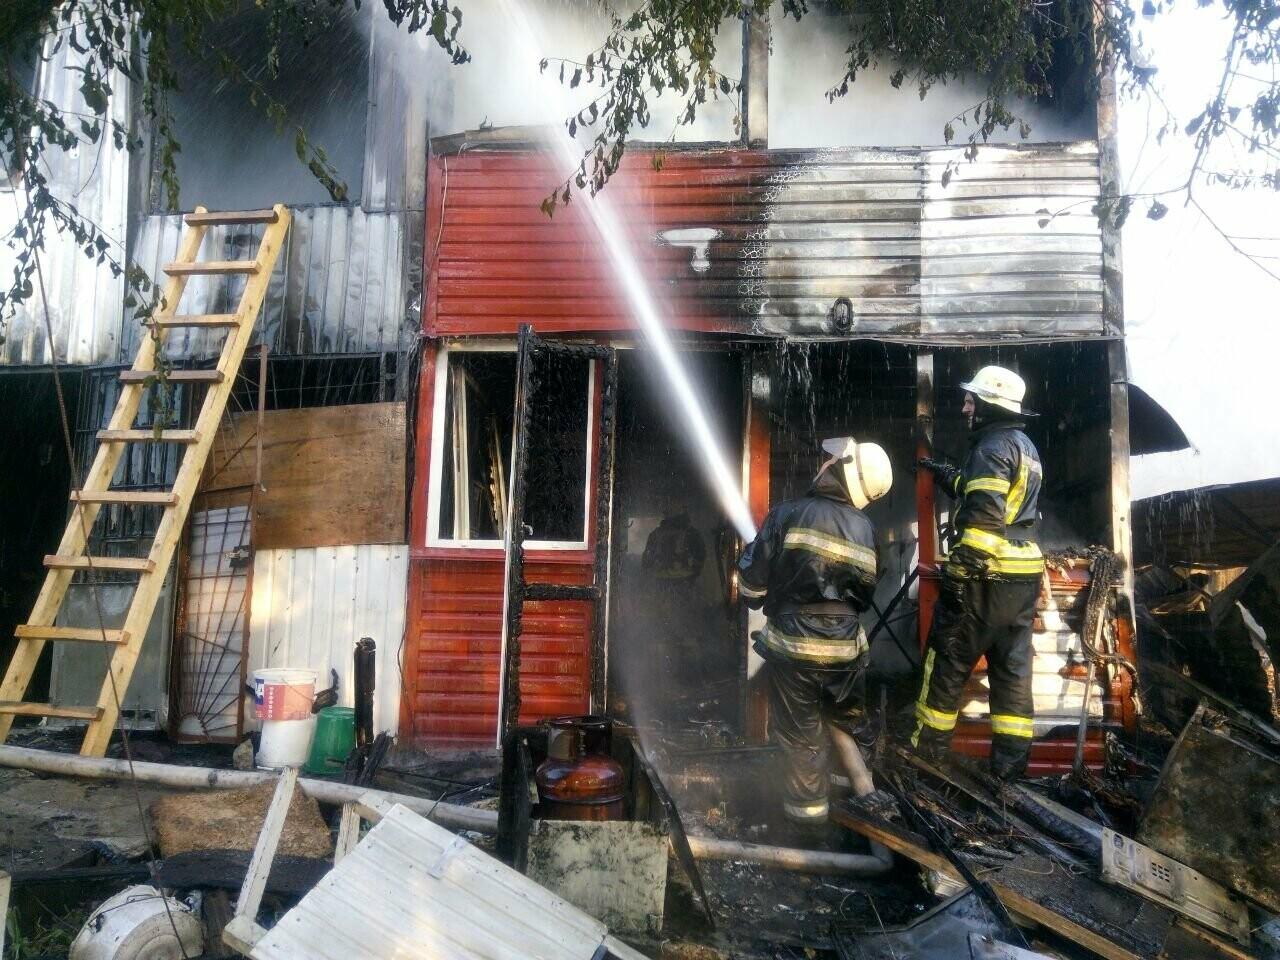 В Одессе случился масштабный пожар: горели рыбацкие домики, - ФОТО3